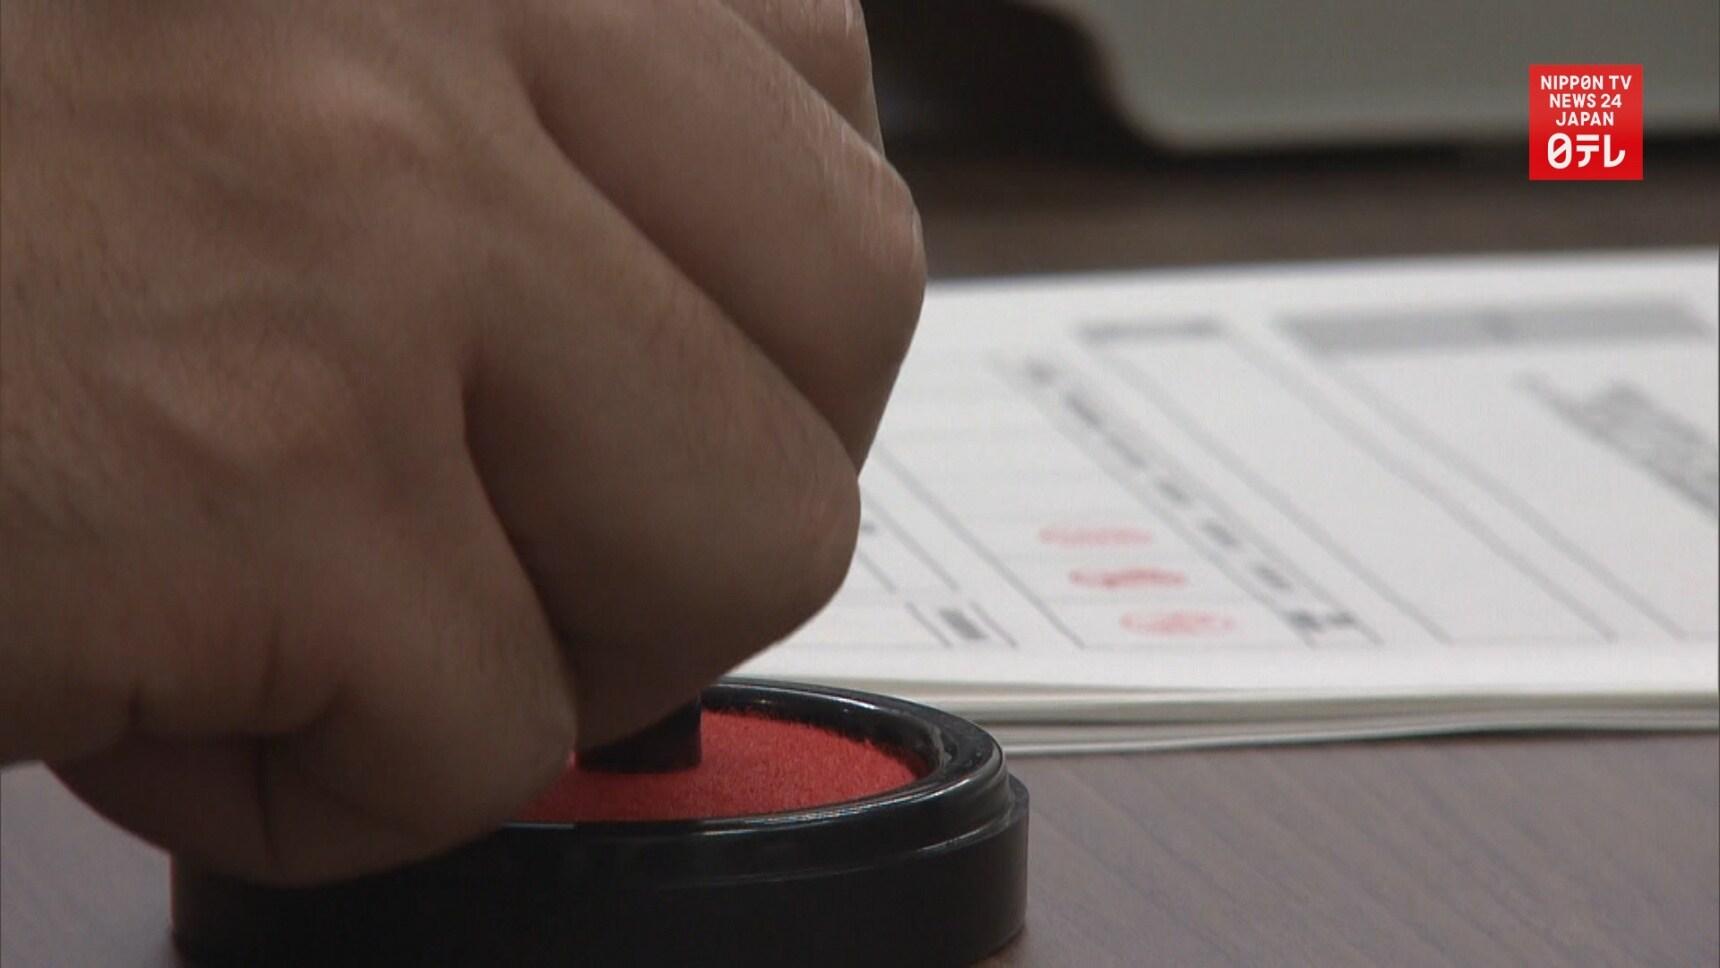 Japan to Abolish Seal-Stamping System